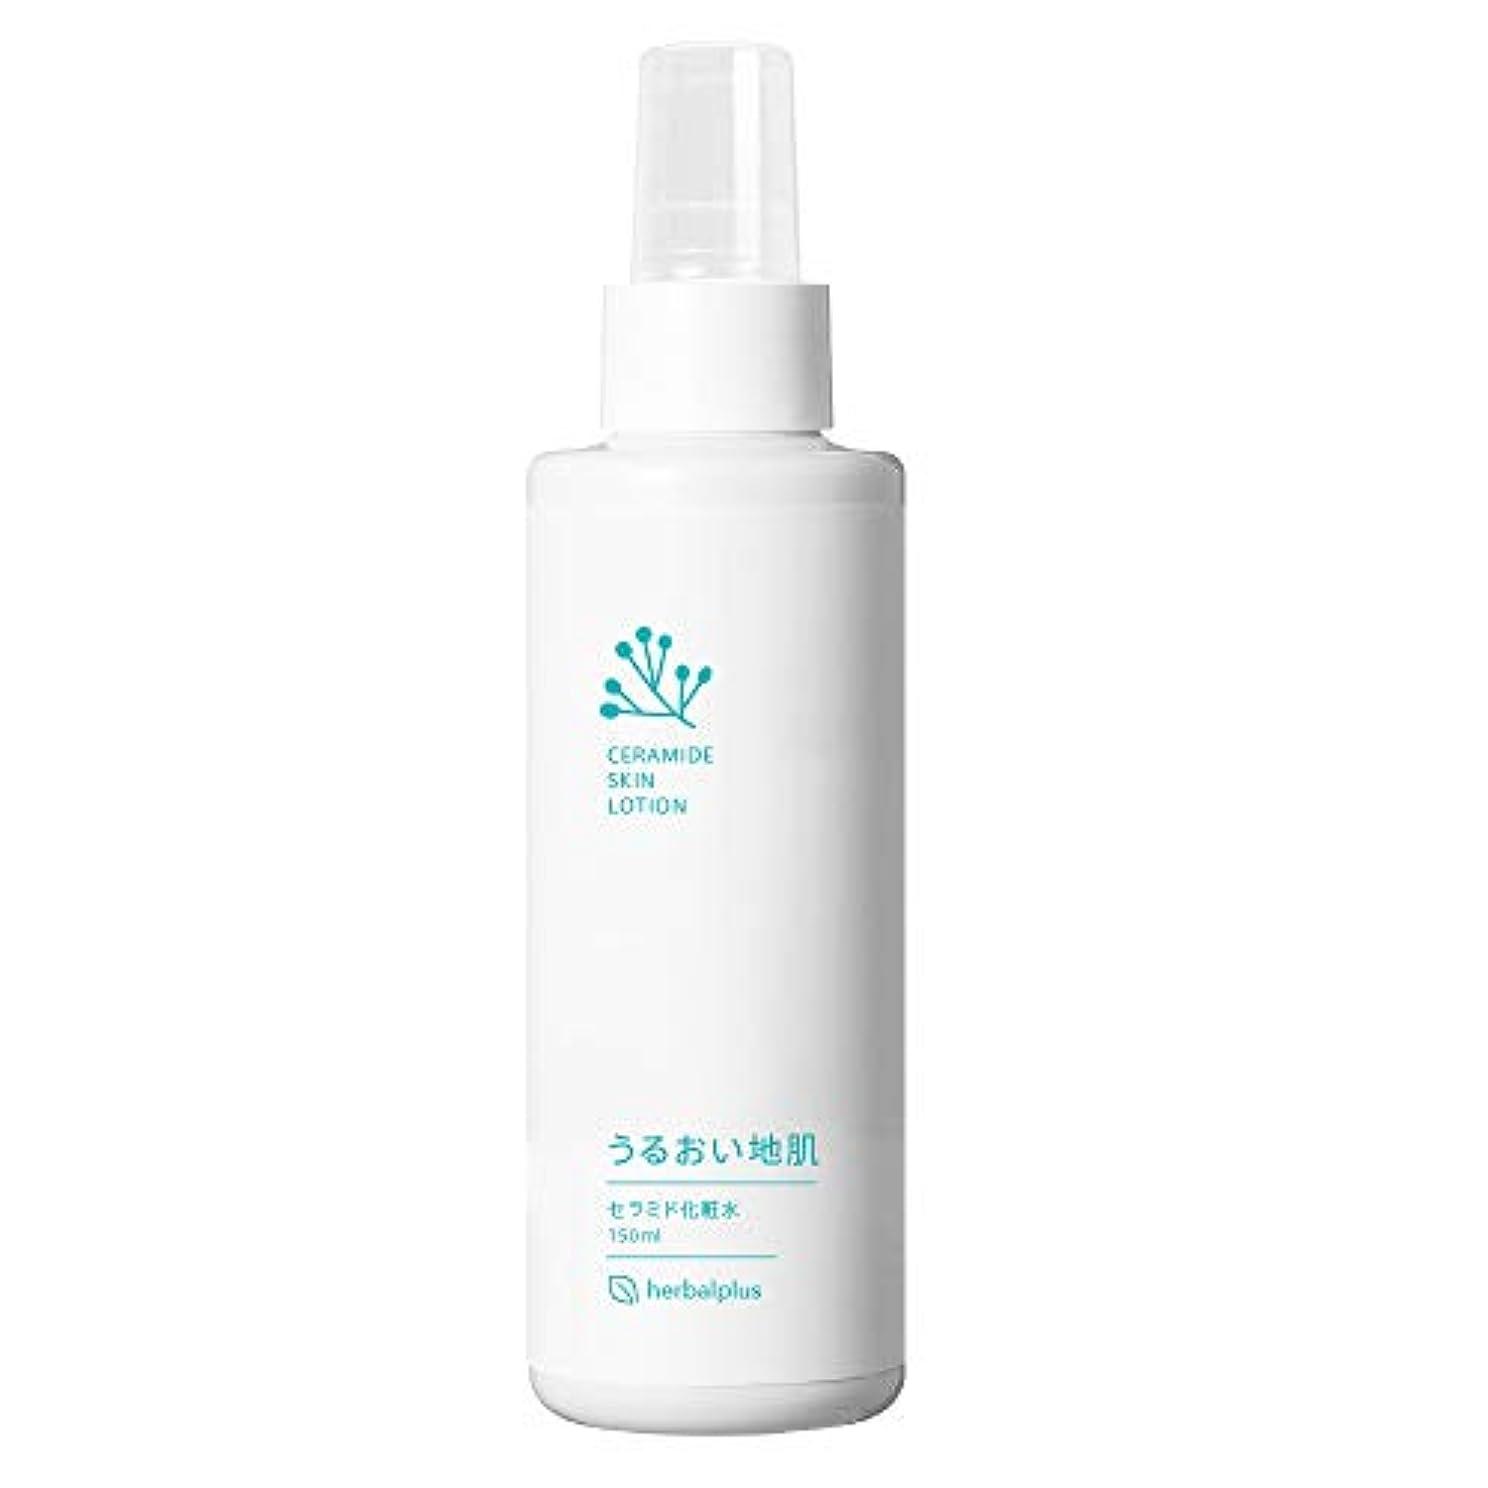 排気材料恐れうるおい地肌 セラミド化粧水「カサカサ 脂漏性 皮むけ 乾燥 かゆみ」保湿 顔?頭皮 ミストスプレー